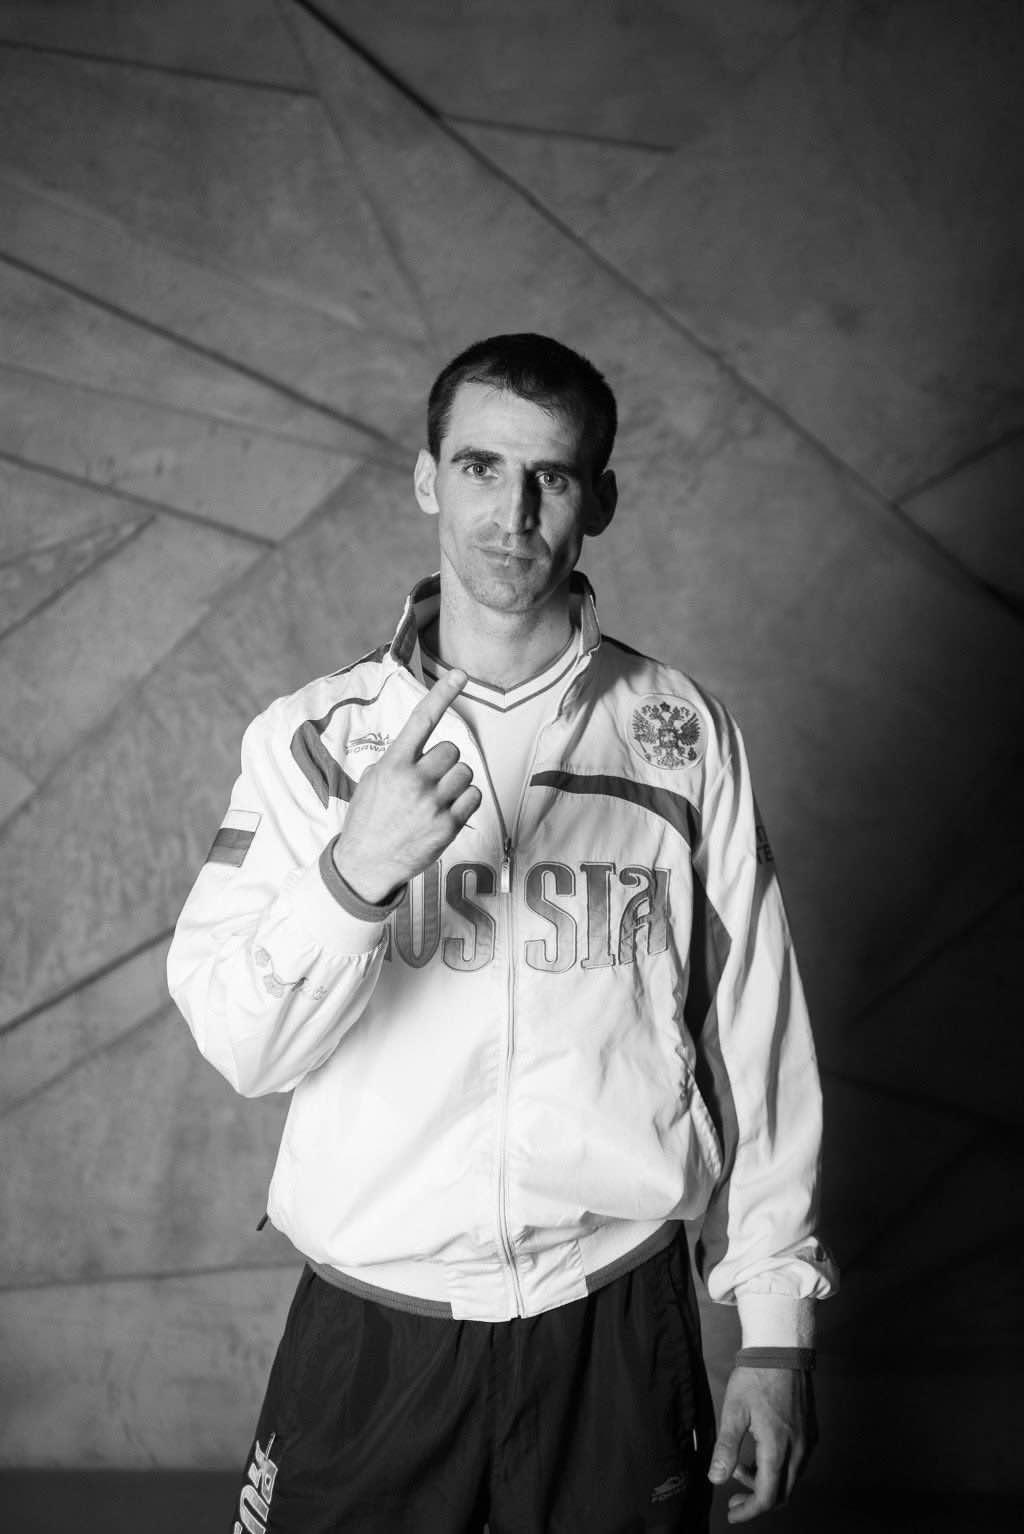 taekwondo_spb_russia